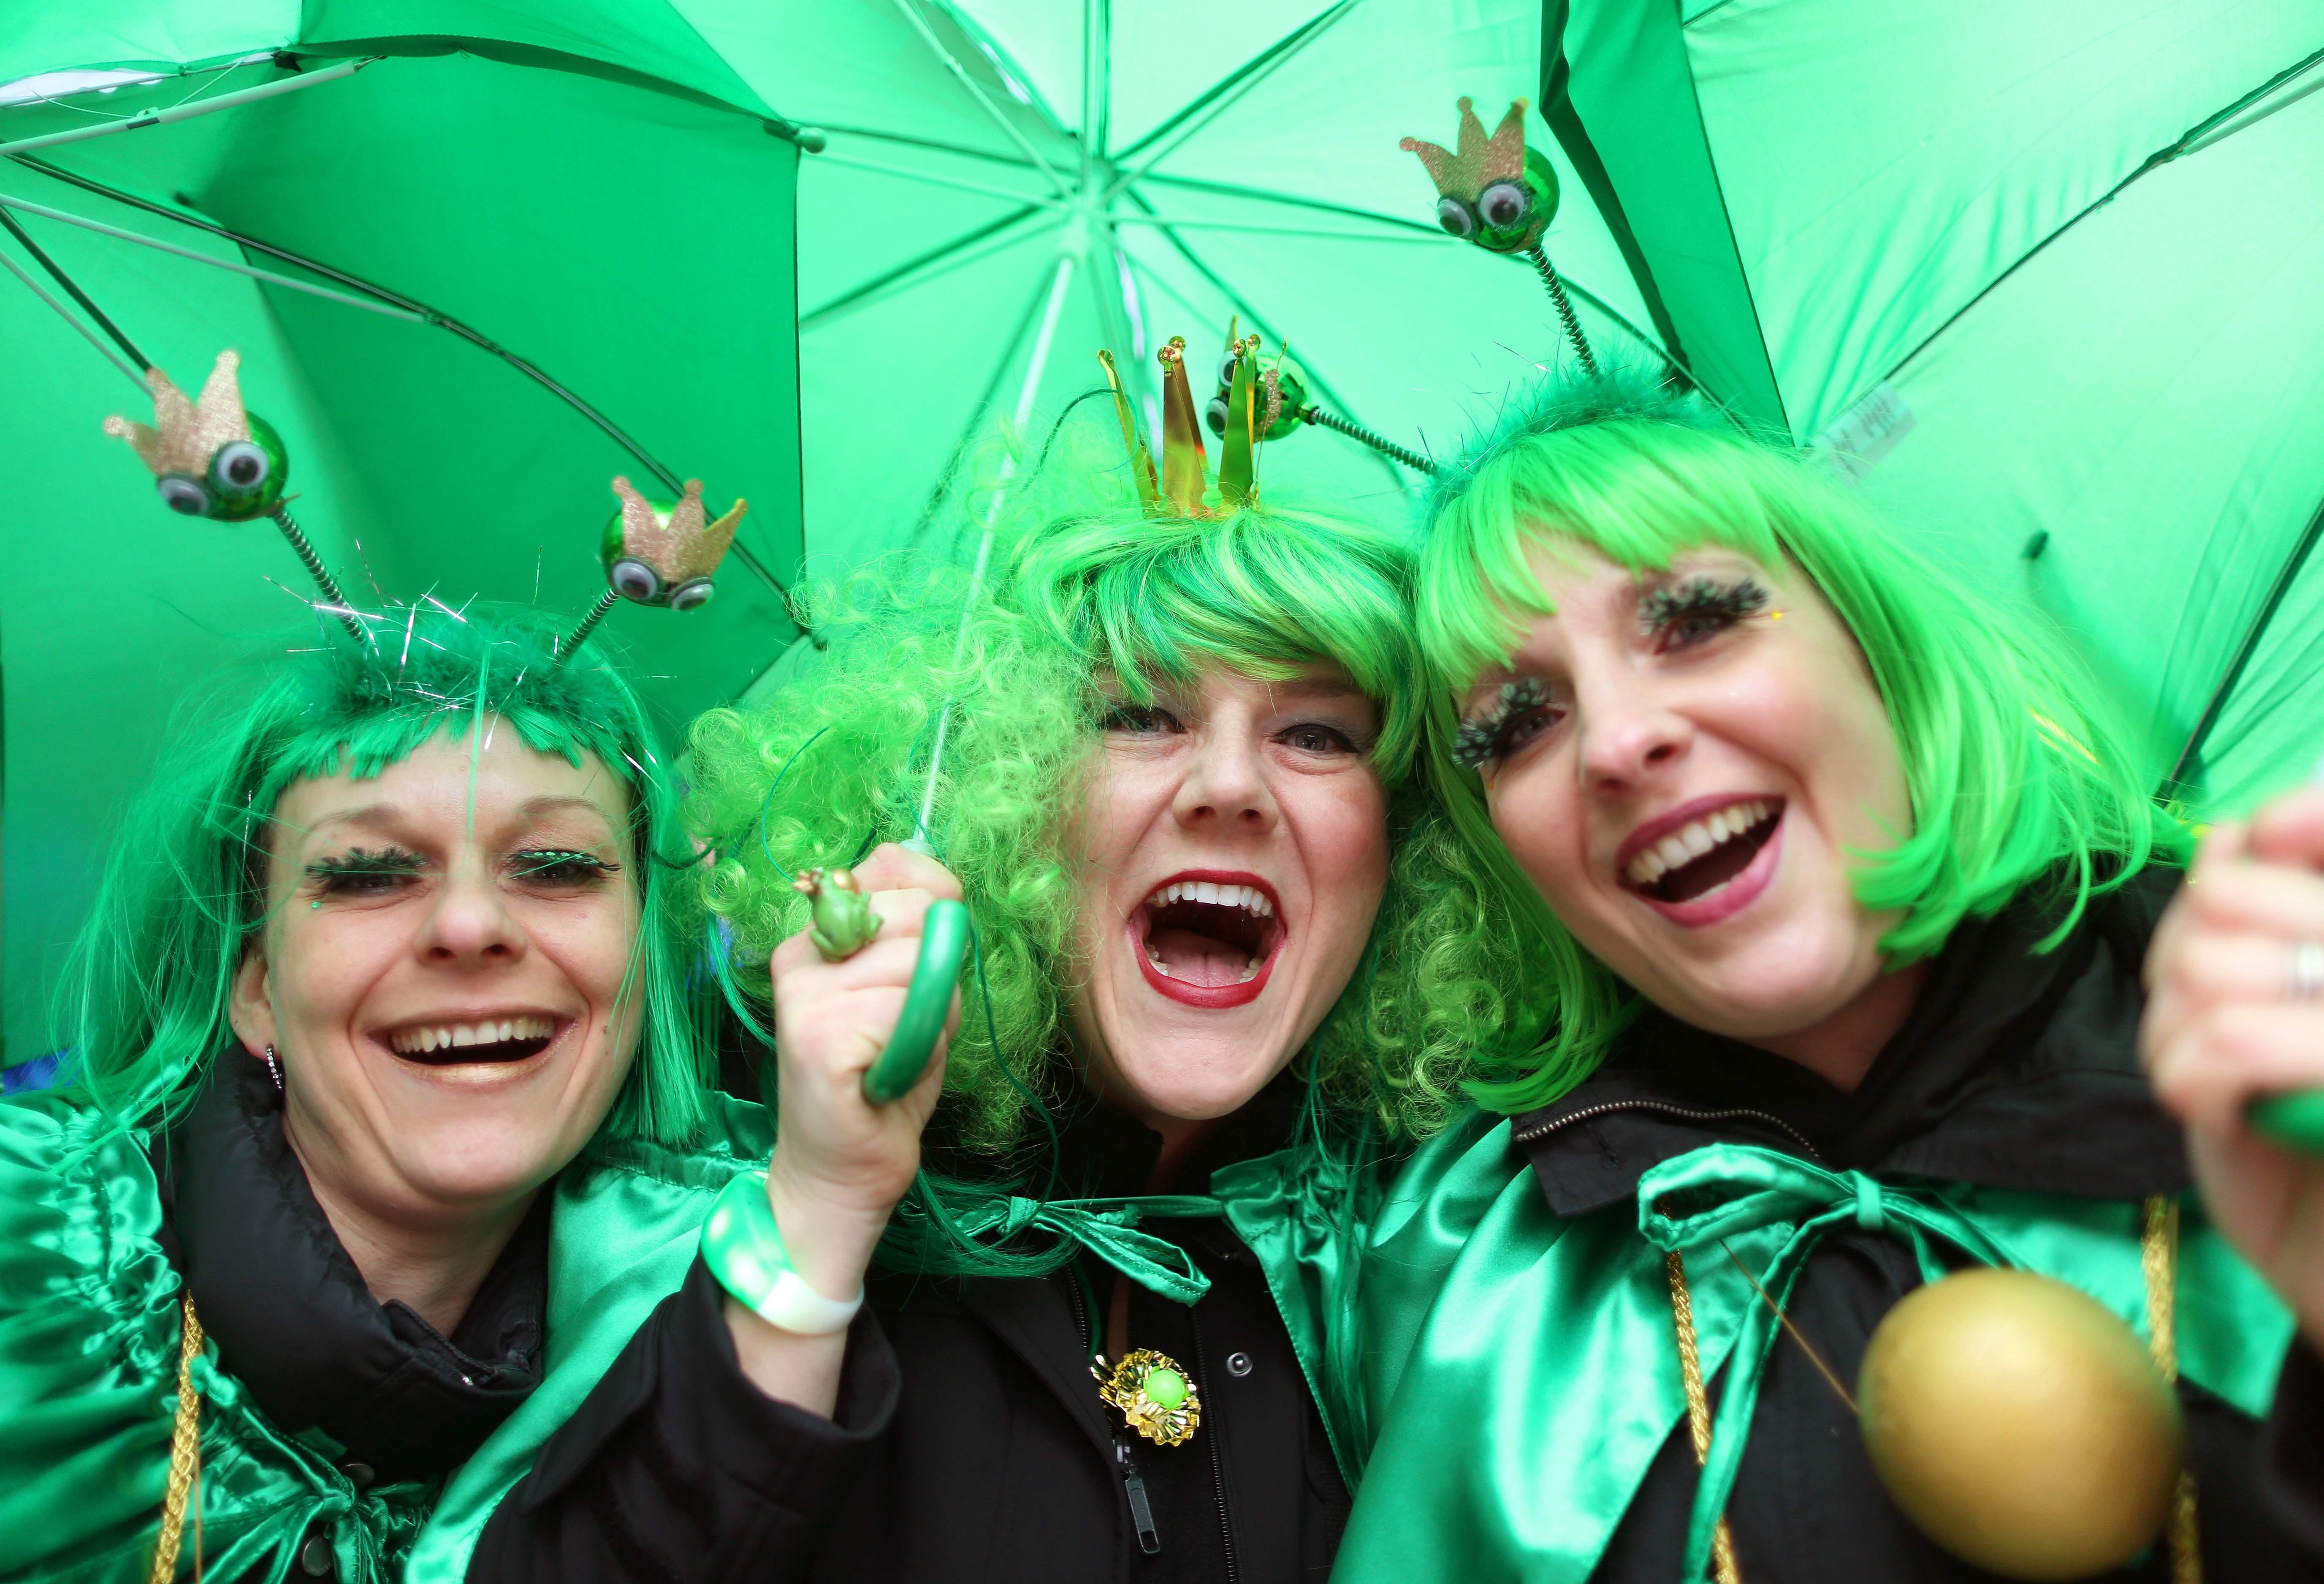 ألمانيا تبدأ احتفالات مهرجان النساء (صور)